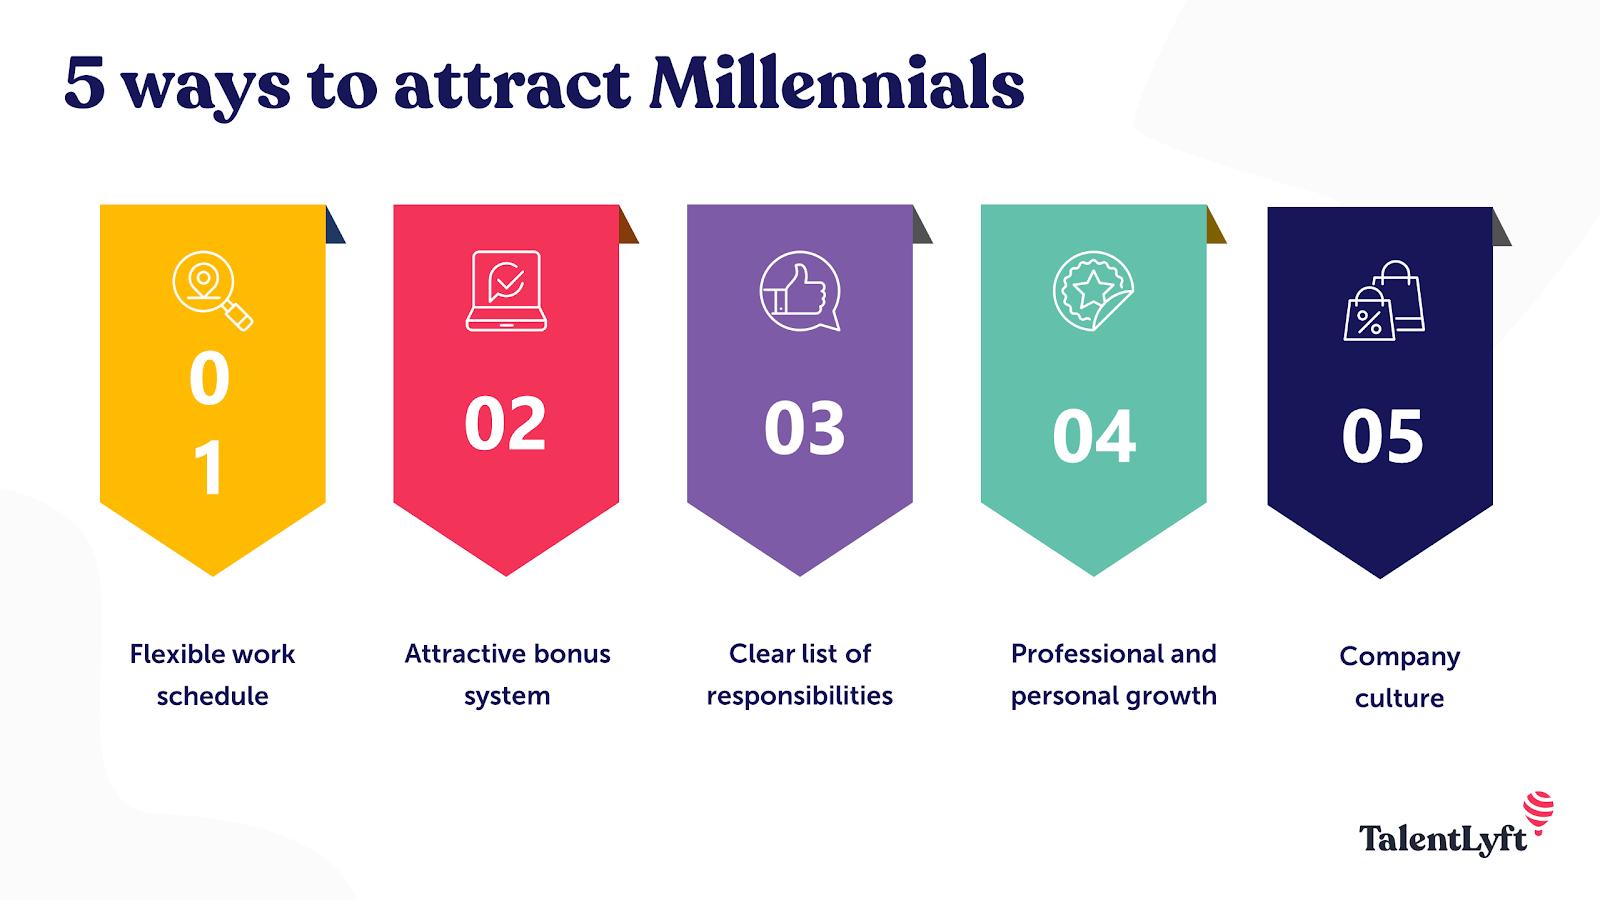 5 ways to attract generation Y Millennials